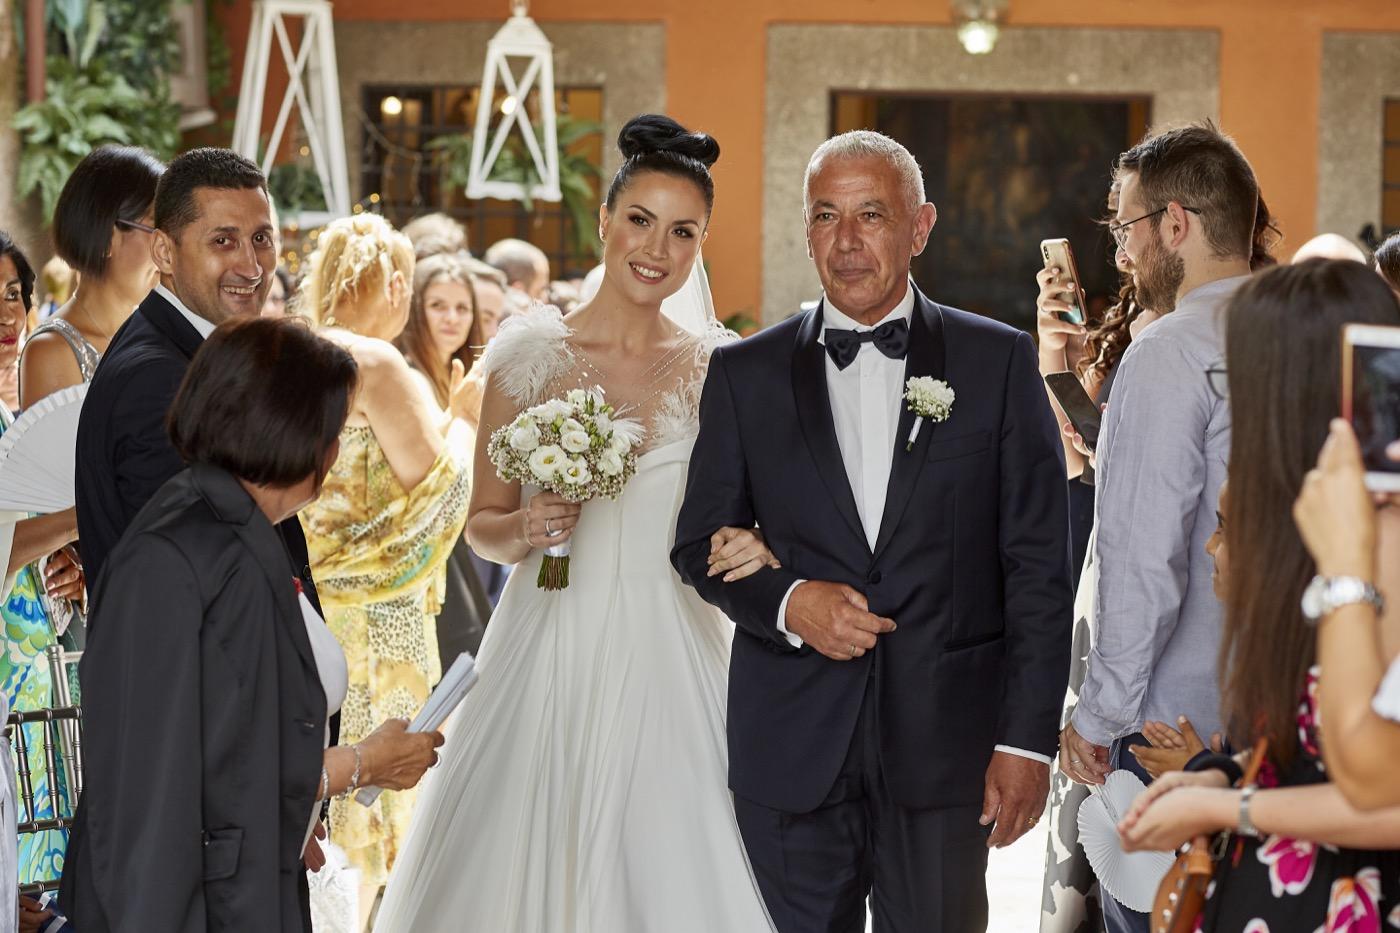 Claudio-Coppola-wedding-photographer-villa-del-cardinale-rocca-di-papa-castel-gandolfo-30